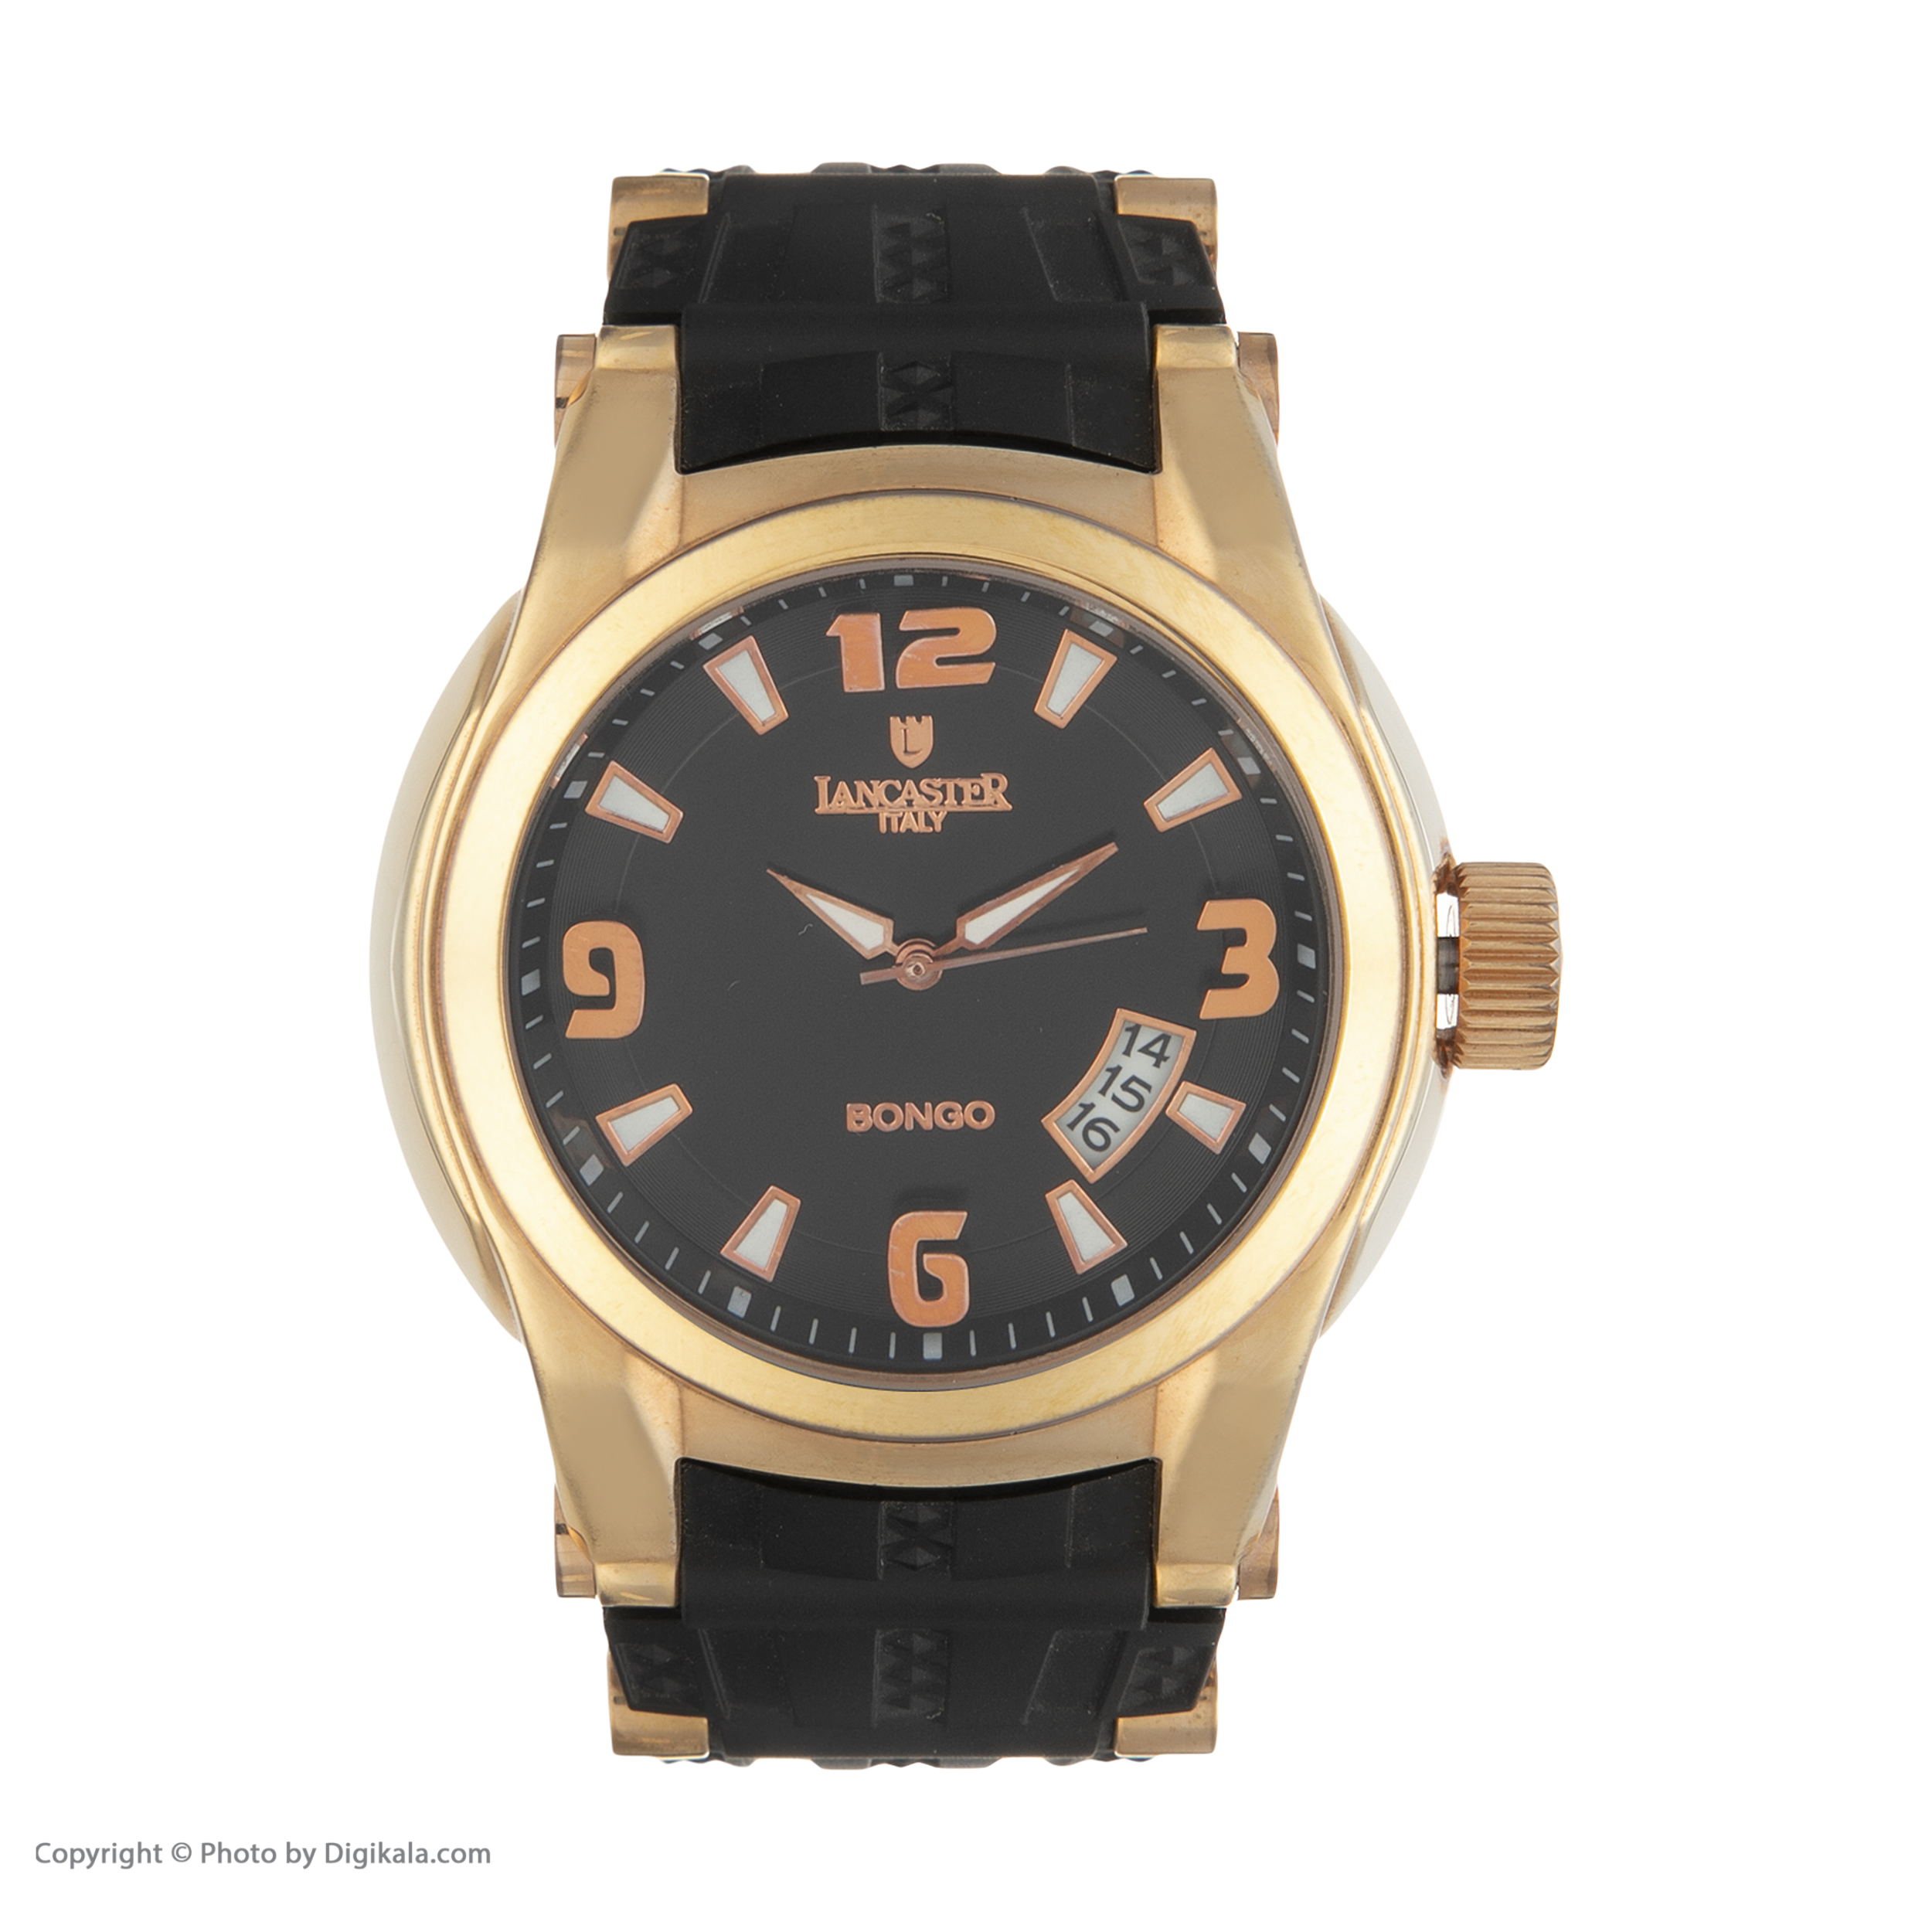 ساعت مچی عقربه ای مردانه لنکستر مدل 549RGNRNR کد 21